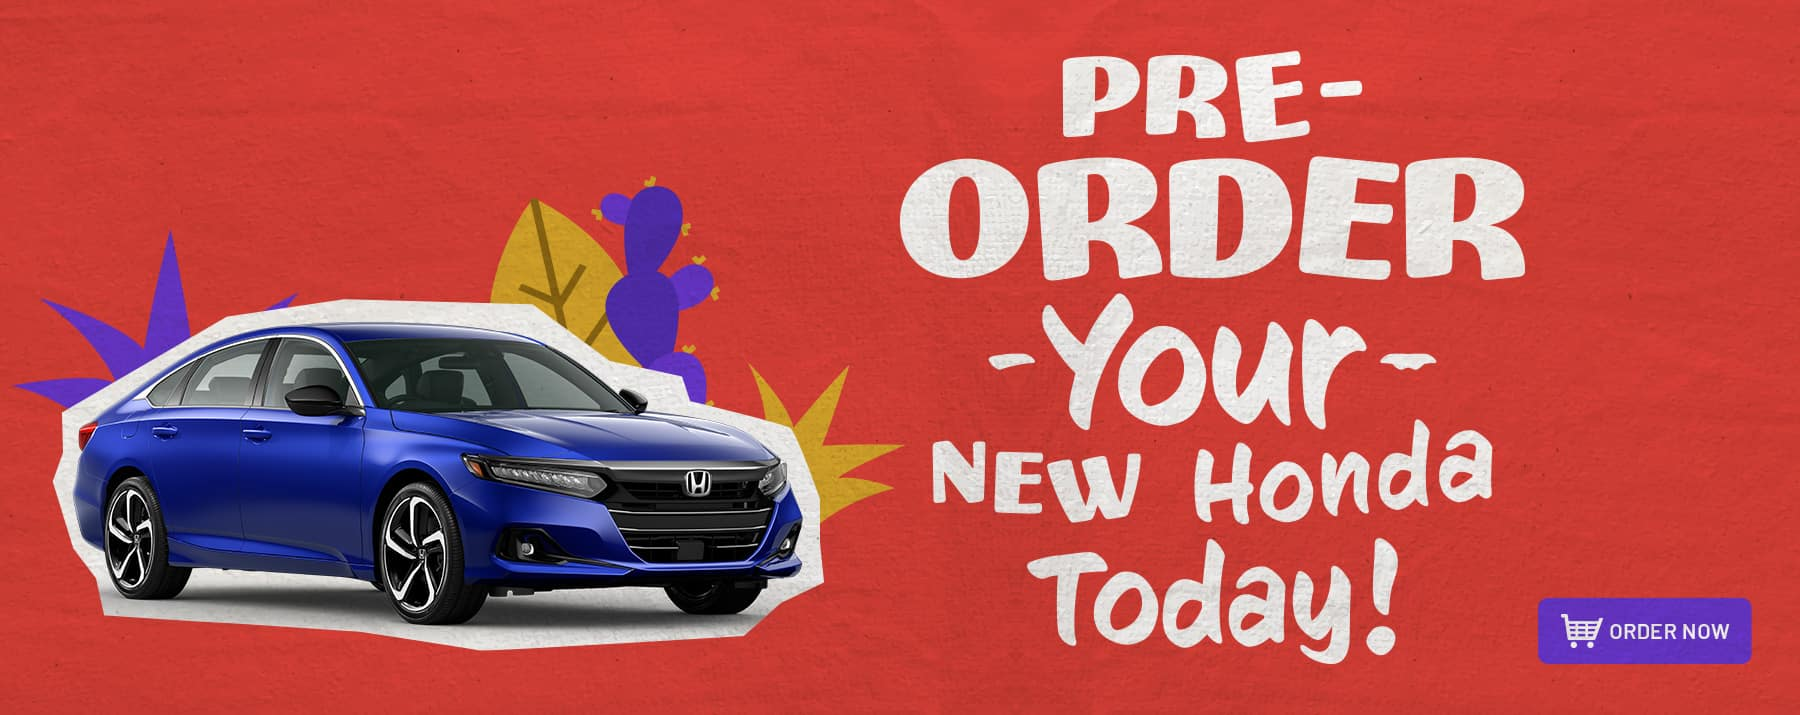 pre-order a new Honda